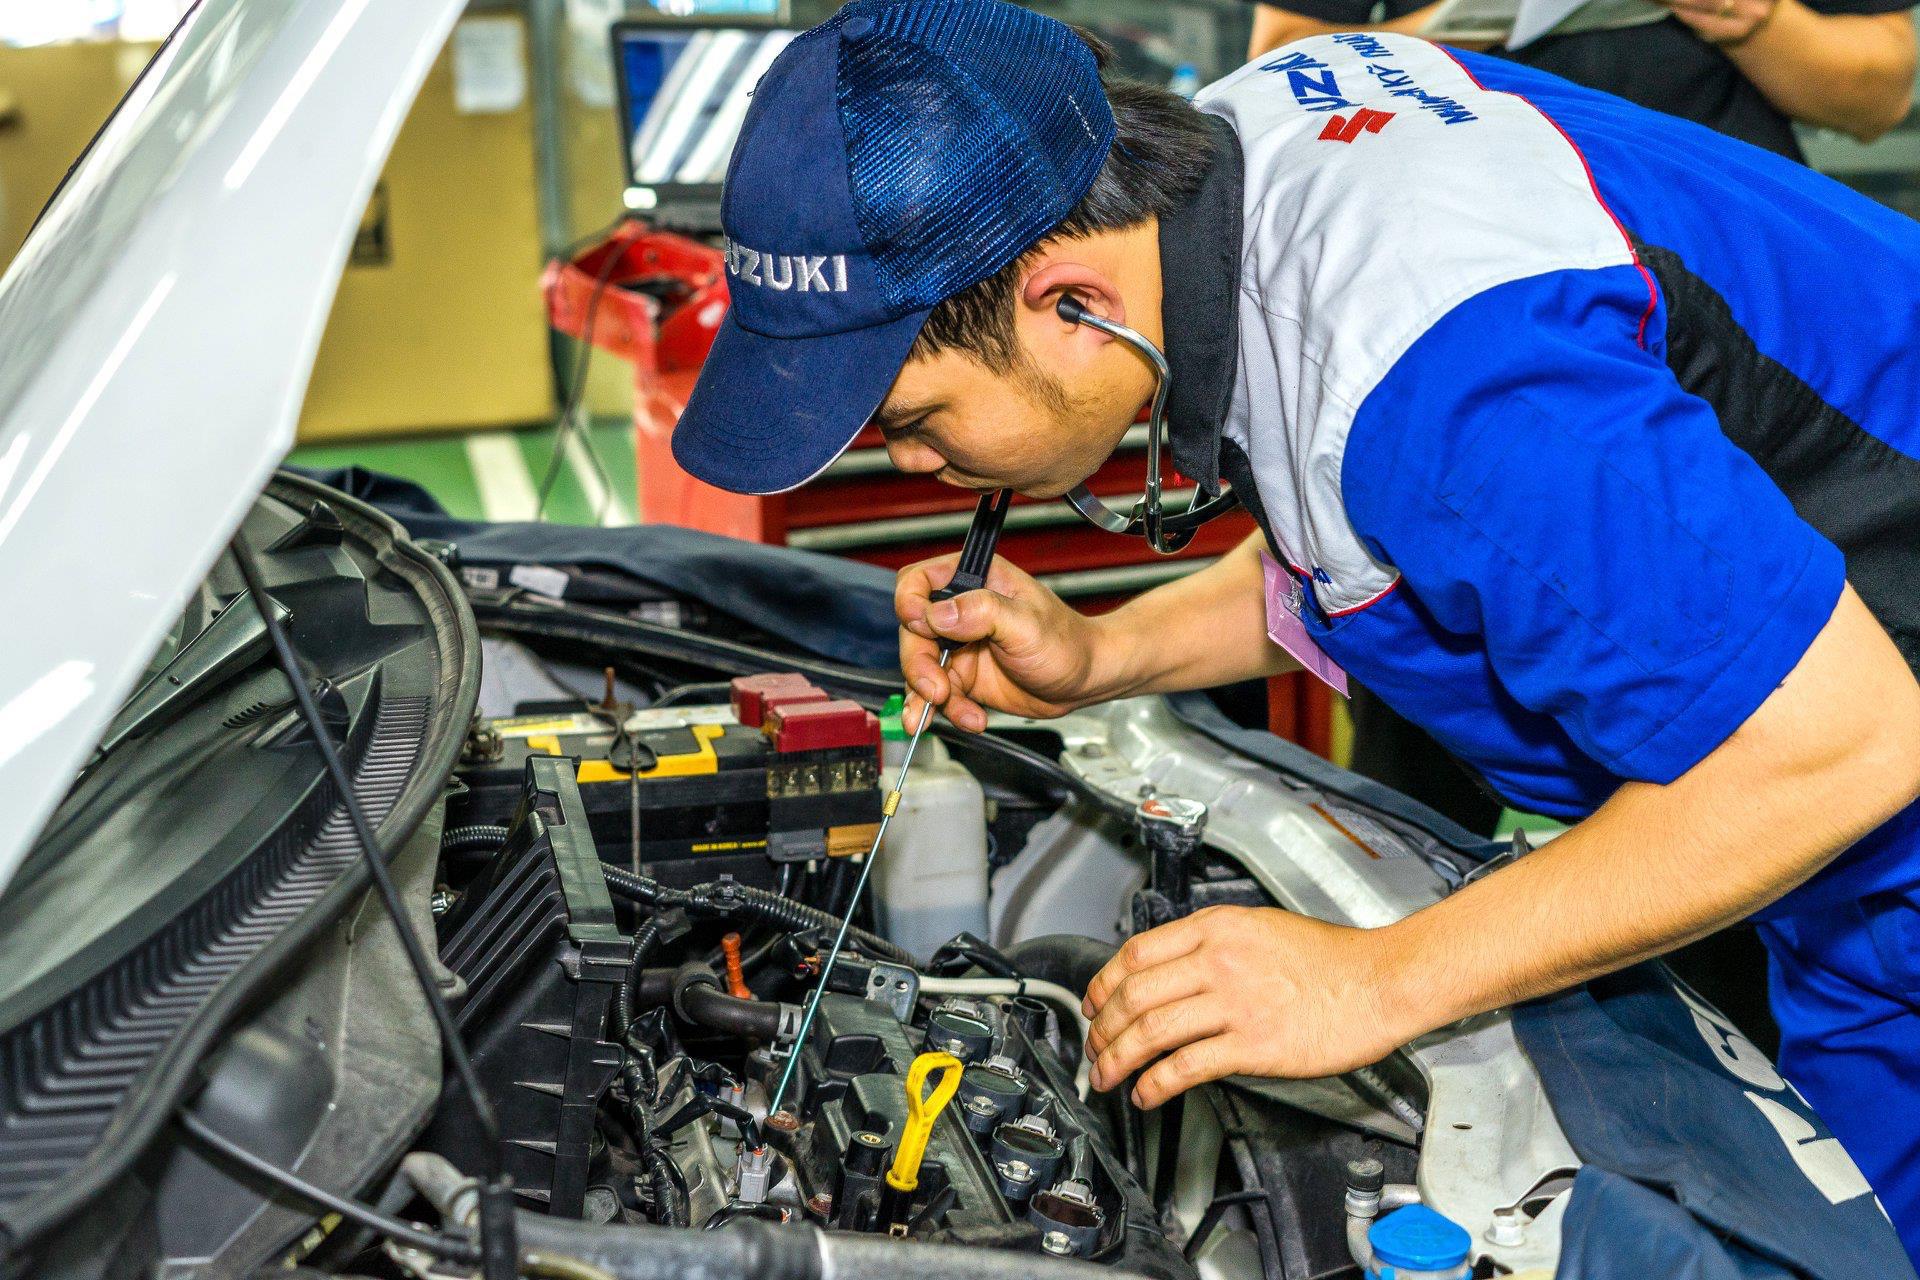 Việt Nam Suzuki luôn coi khách hàng là ưu tiên hàng đầu và tiếp tục triển khai cuộc cách mạng hậu mãi.